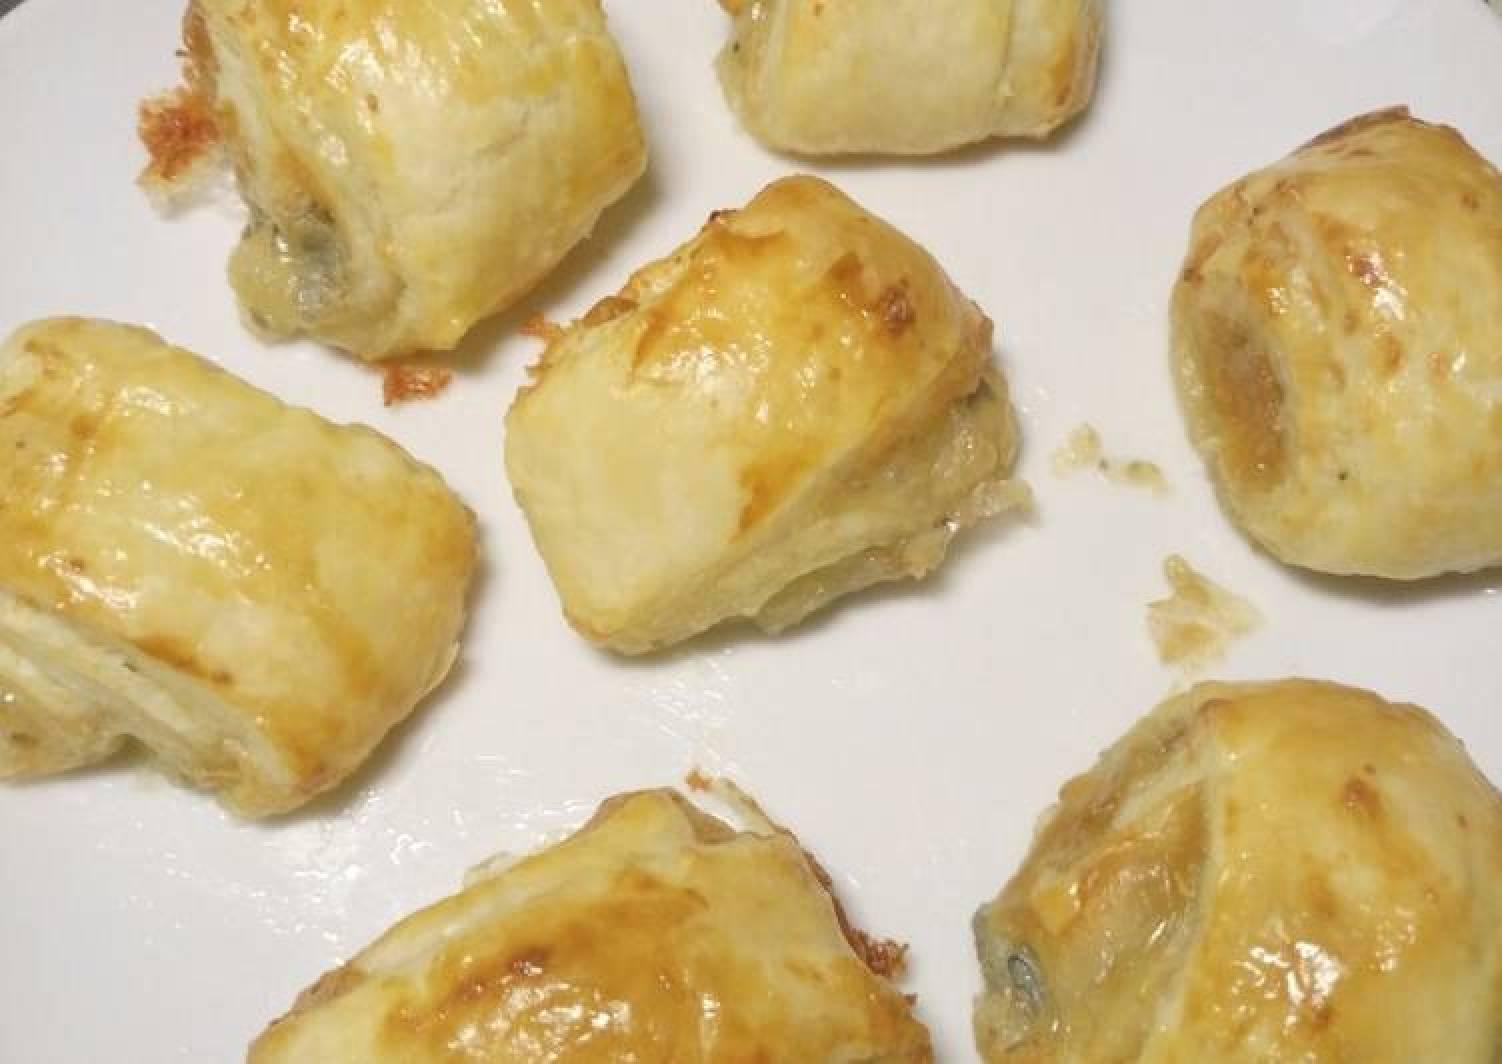 Cheesy pastry bites